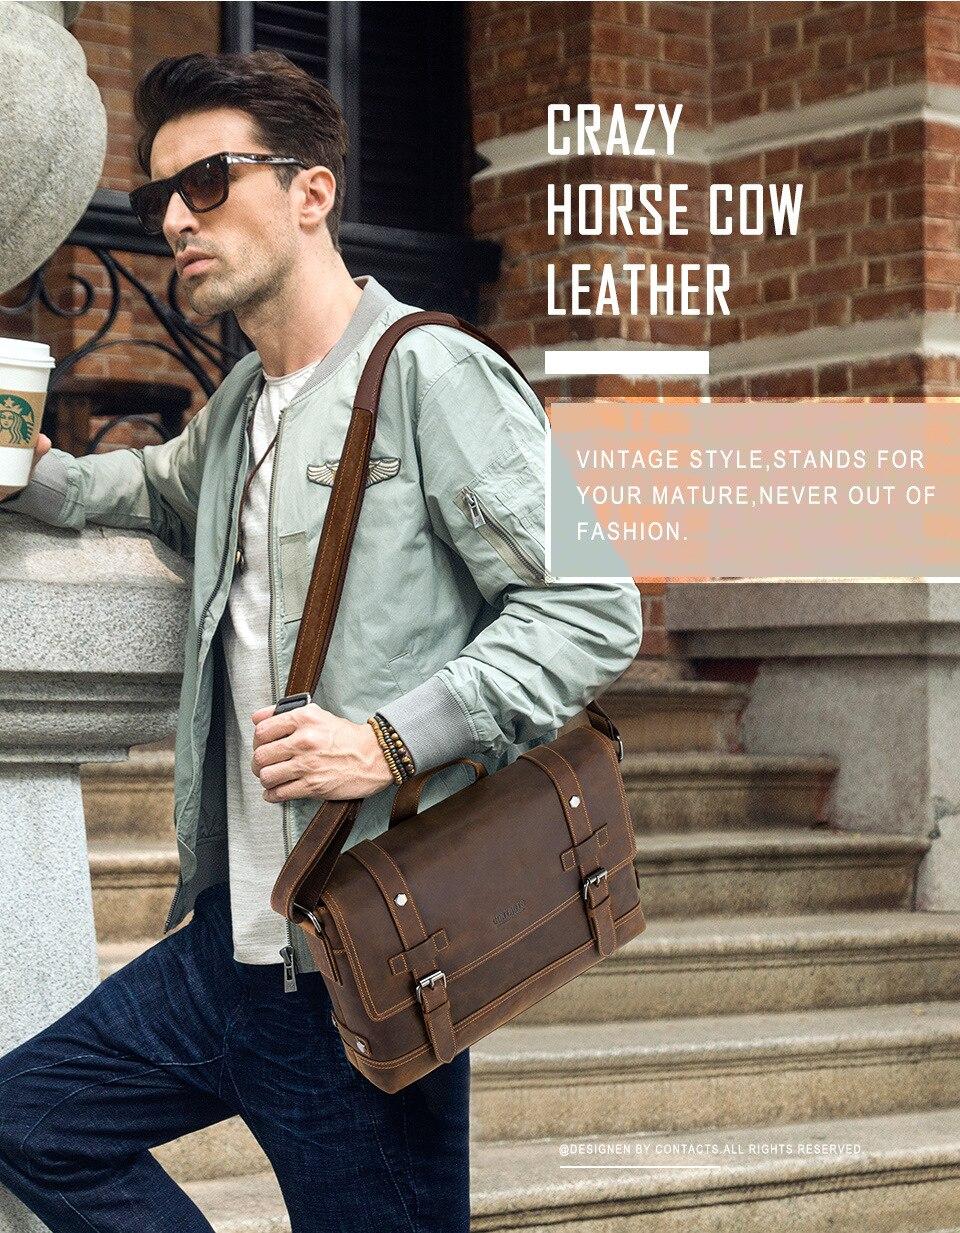 HTB1168zacrrK1RjSspaq6AREXXaN 100% Genuine Leather Briefcase Men Vintage Real Crazy Horse Leather Messenger Shoulder Business Laptop Bag Case Office Handbag